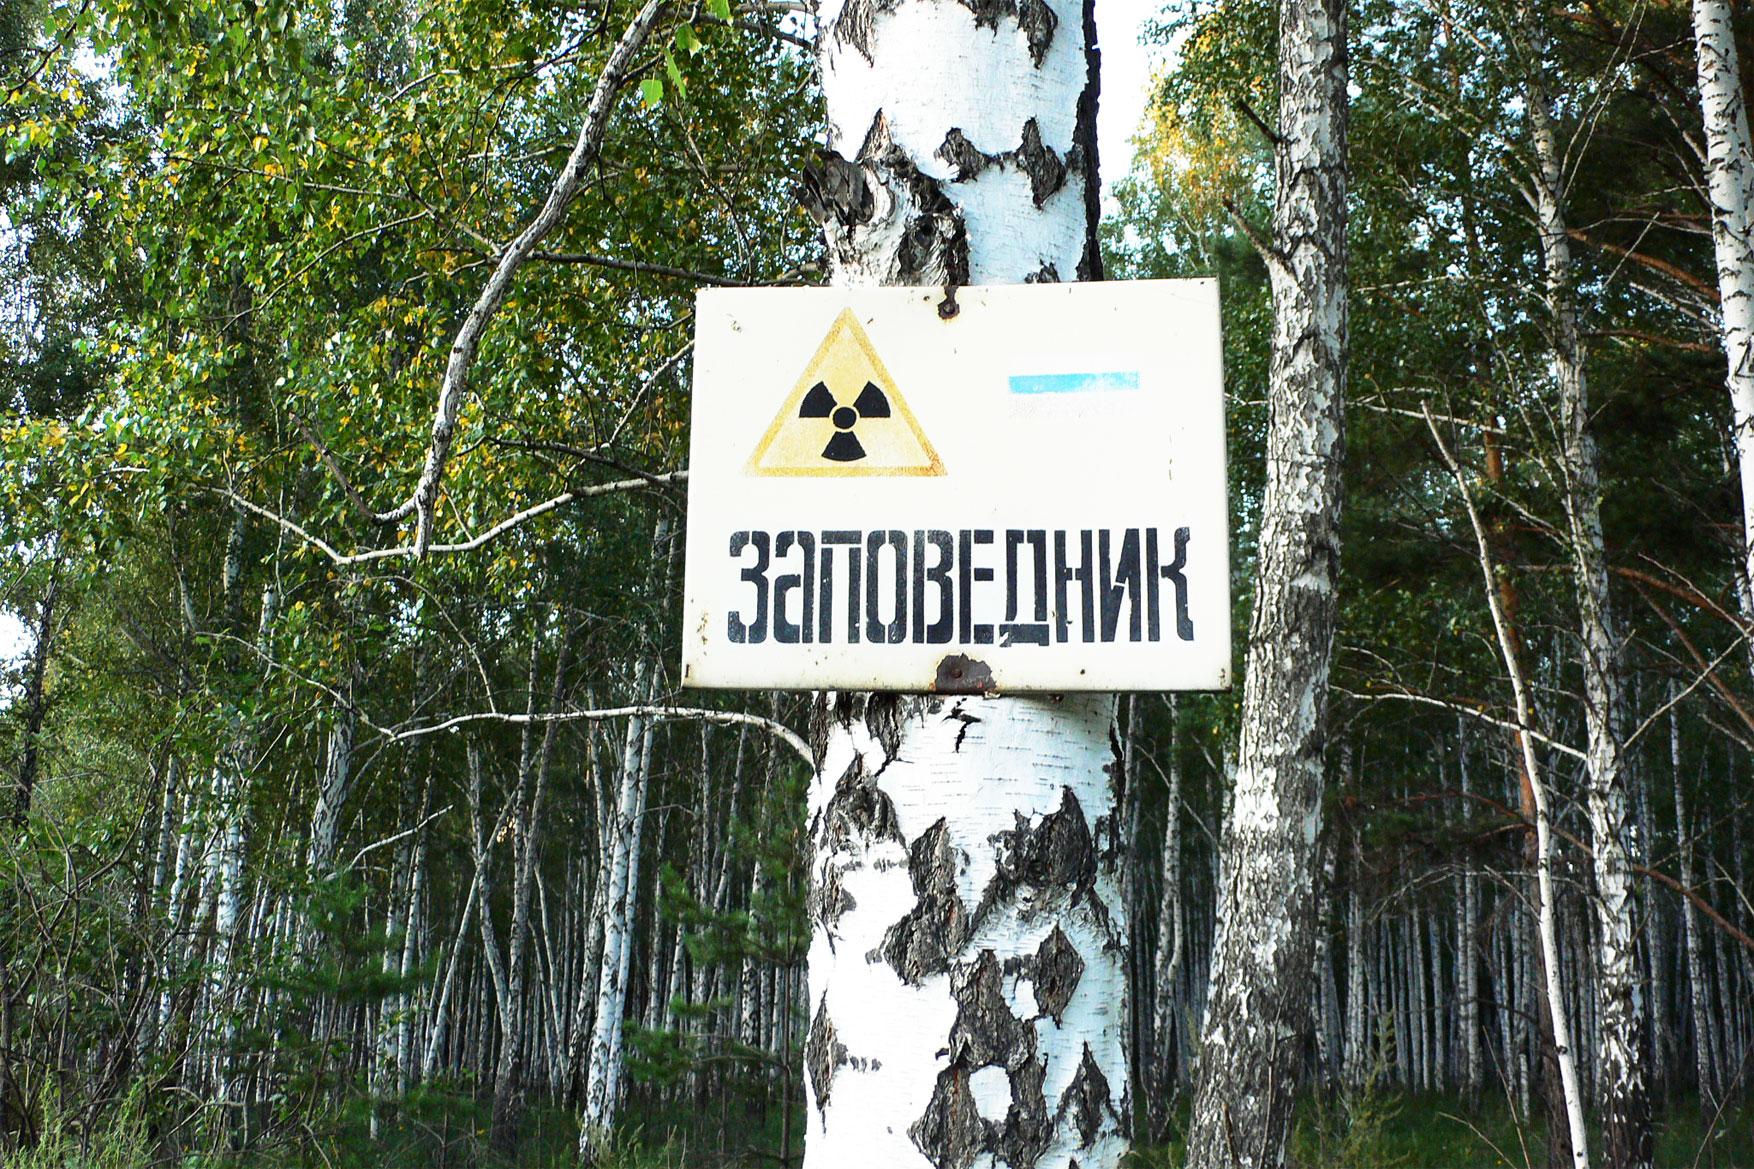 Nuovi studi indicano la Russia come luogo di provenienza della nube radioattiva rilevata nel 2017 in Europa